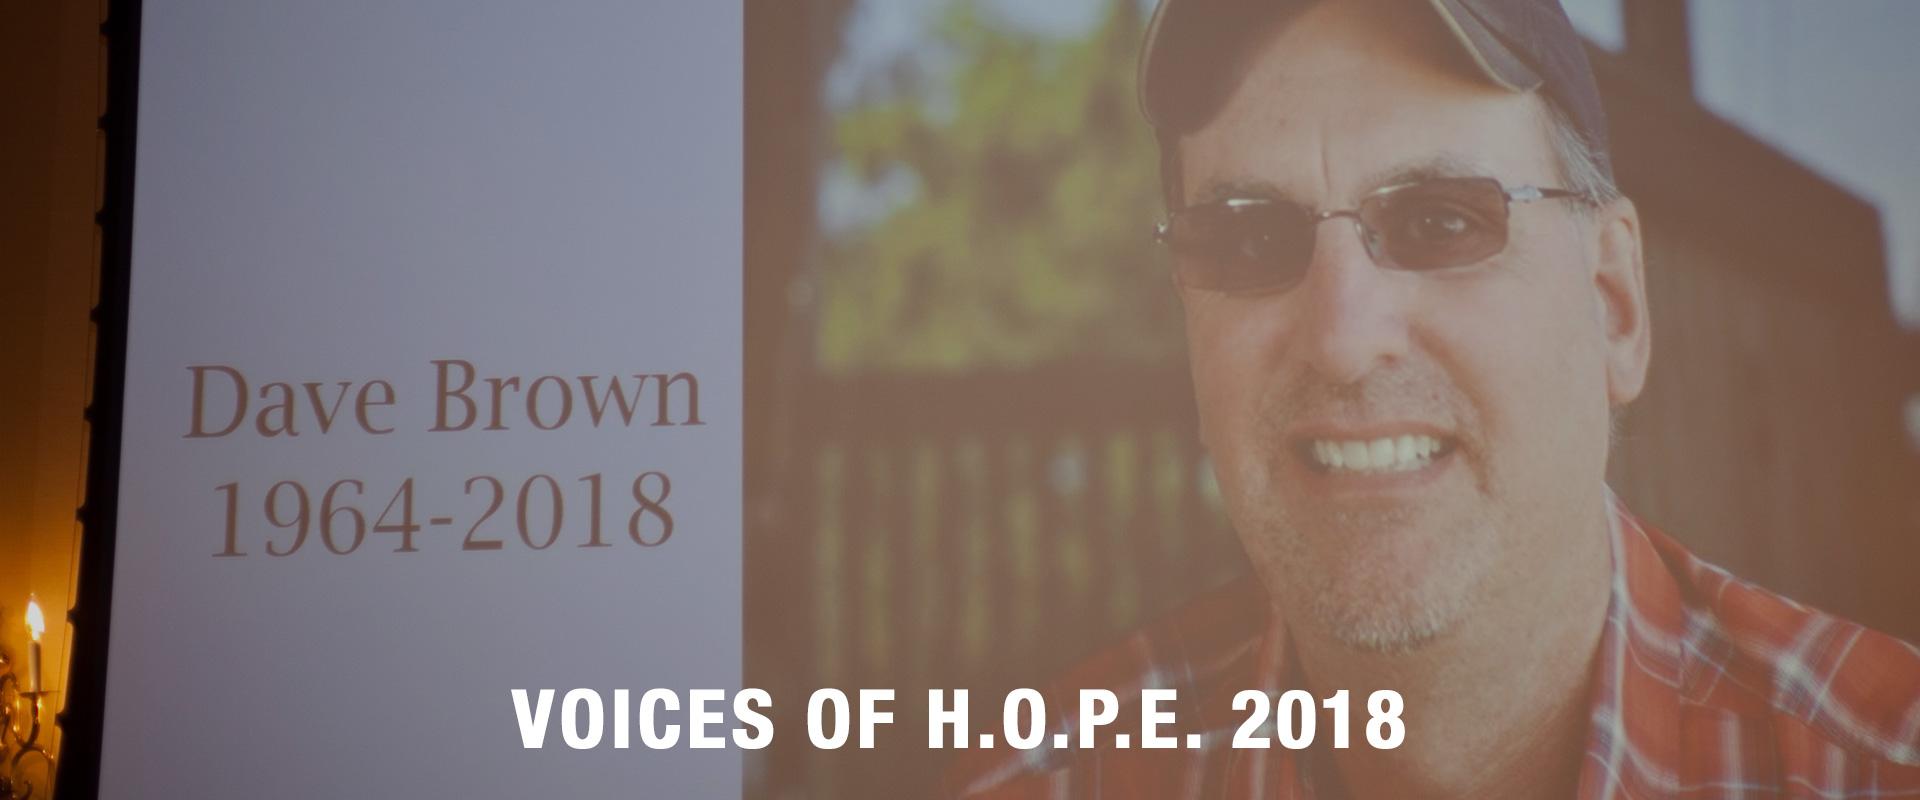 Voices of H.O.P.E. 2018 - 20